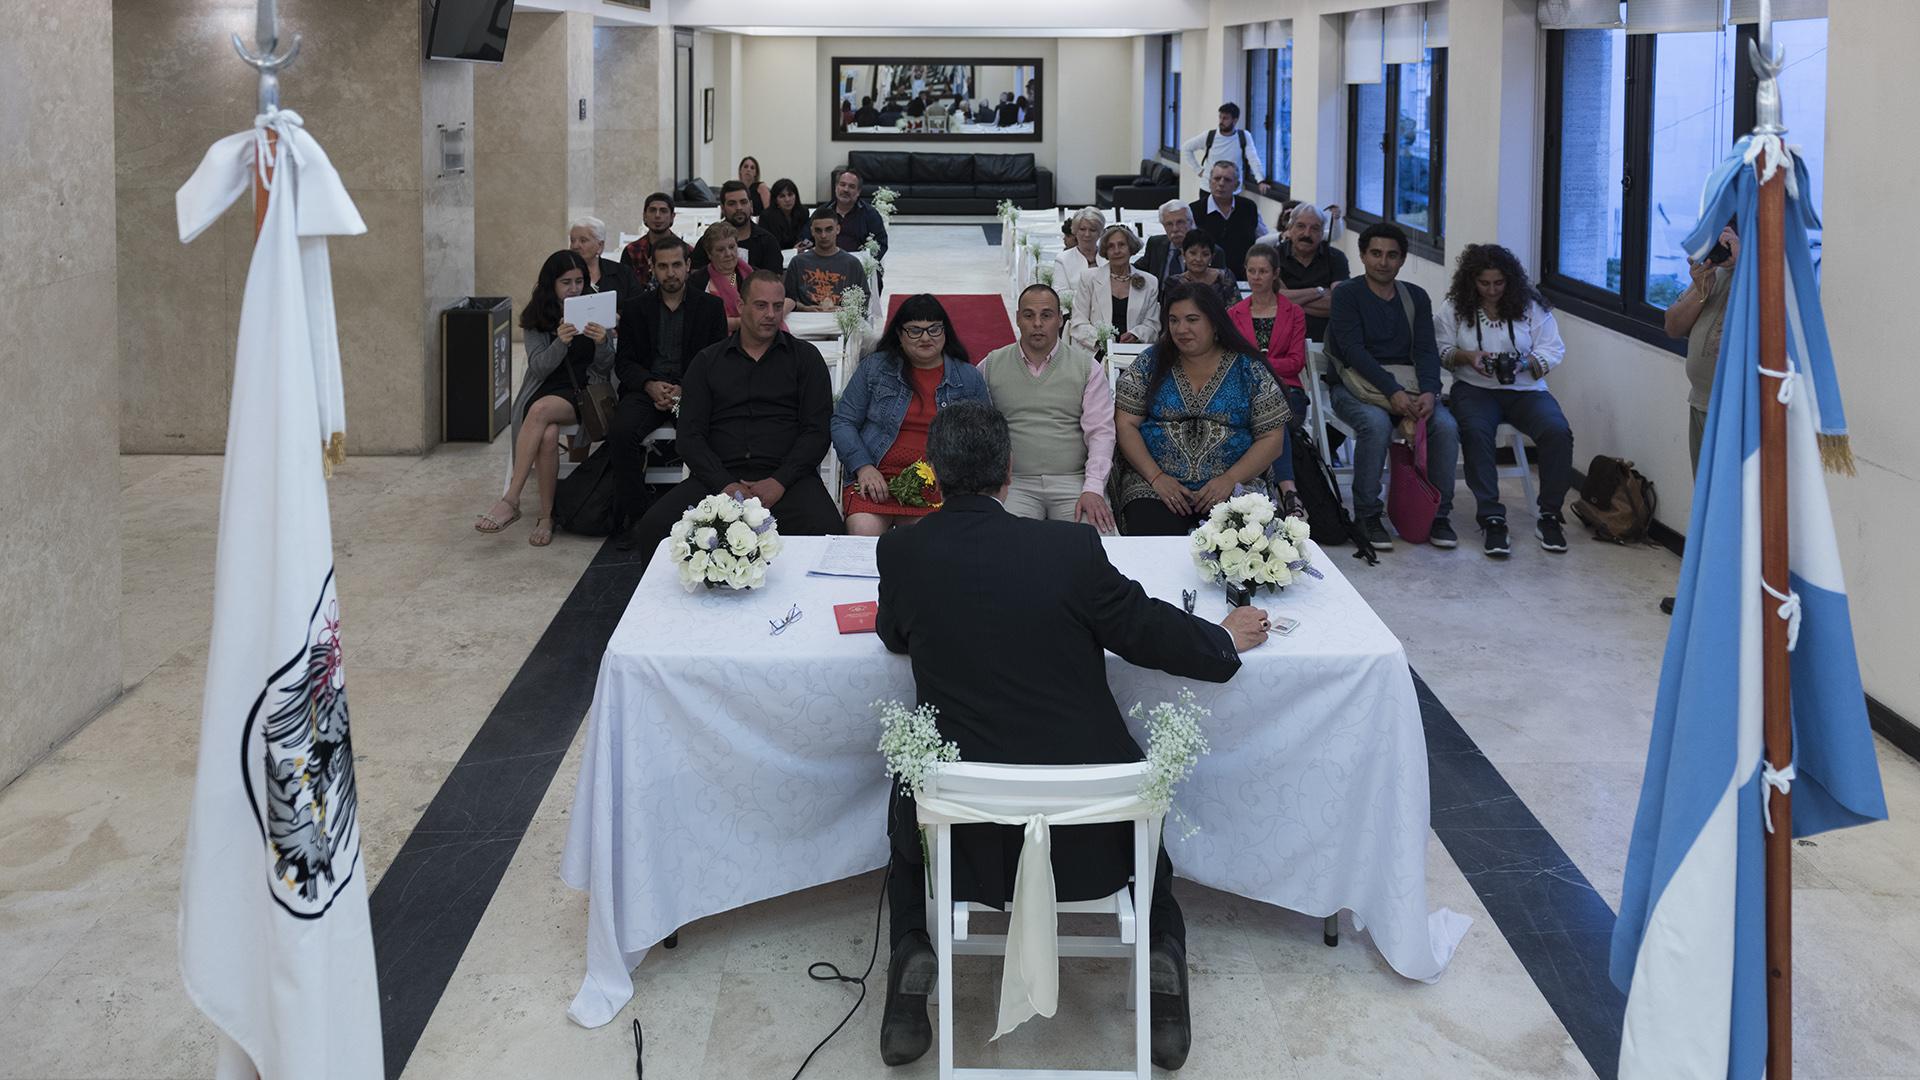 Cuatro mil solicitudes llegaron para casarse en La Noche de los Museos y solo tres parejas fueron sorteadas